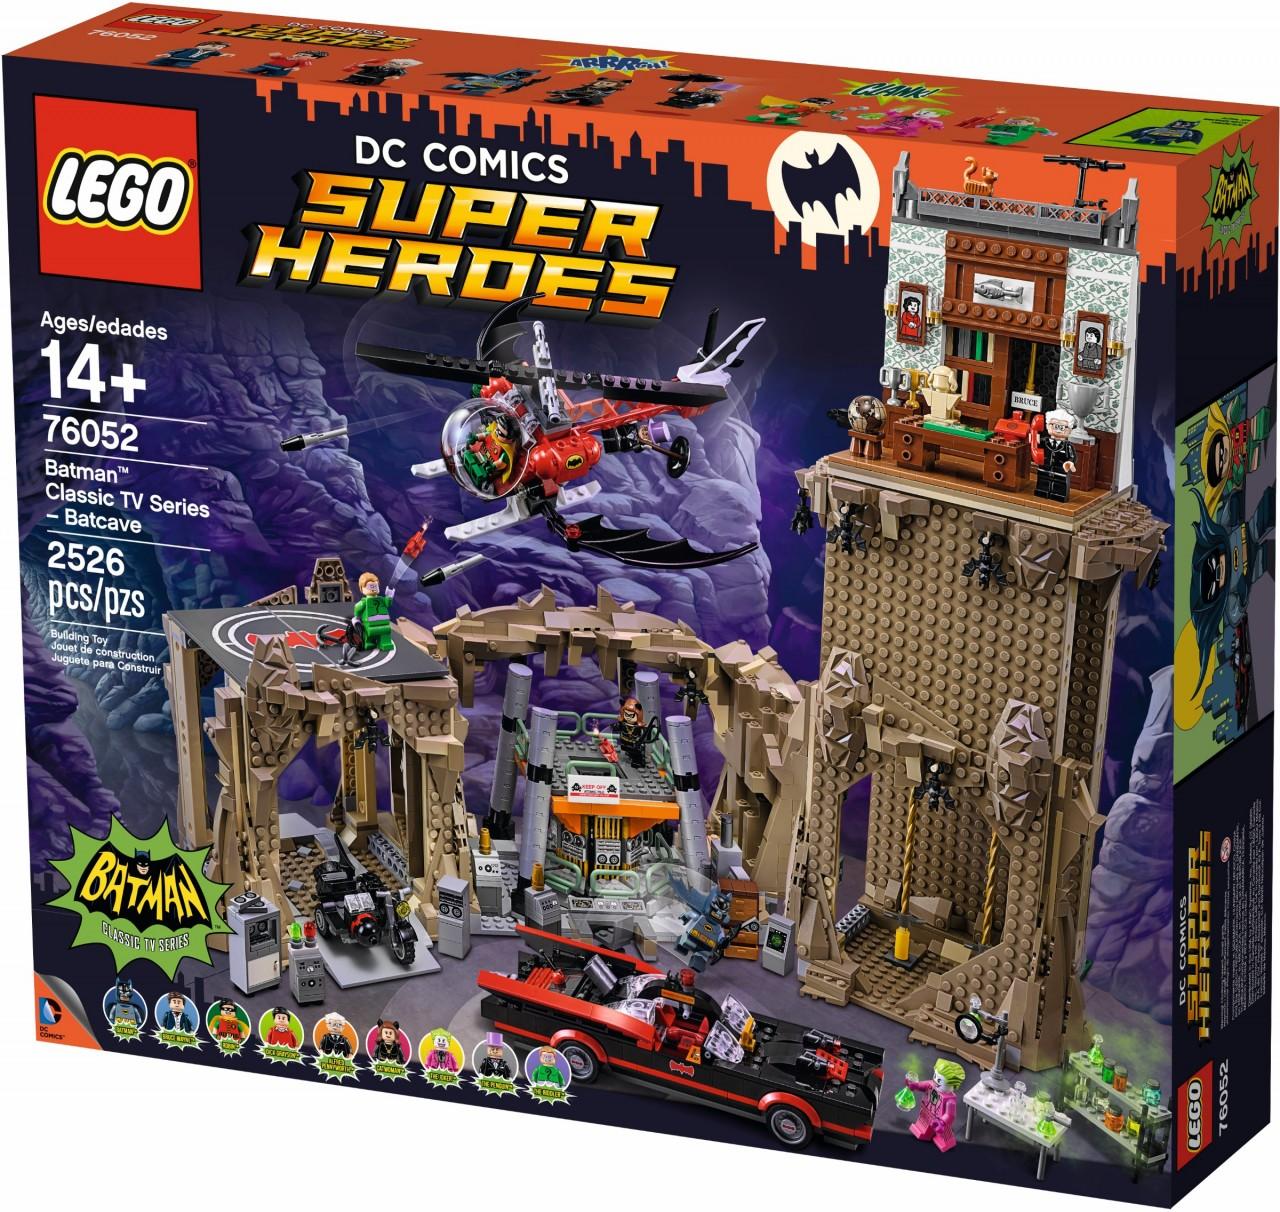 Lego 76052 Batman classic TV series - Batcave - 2